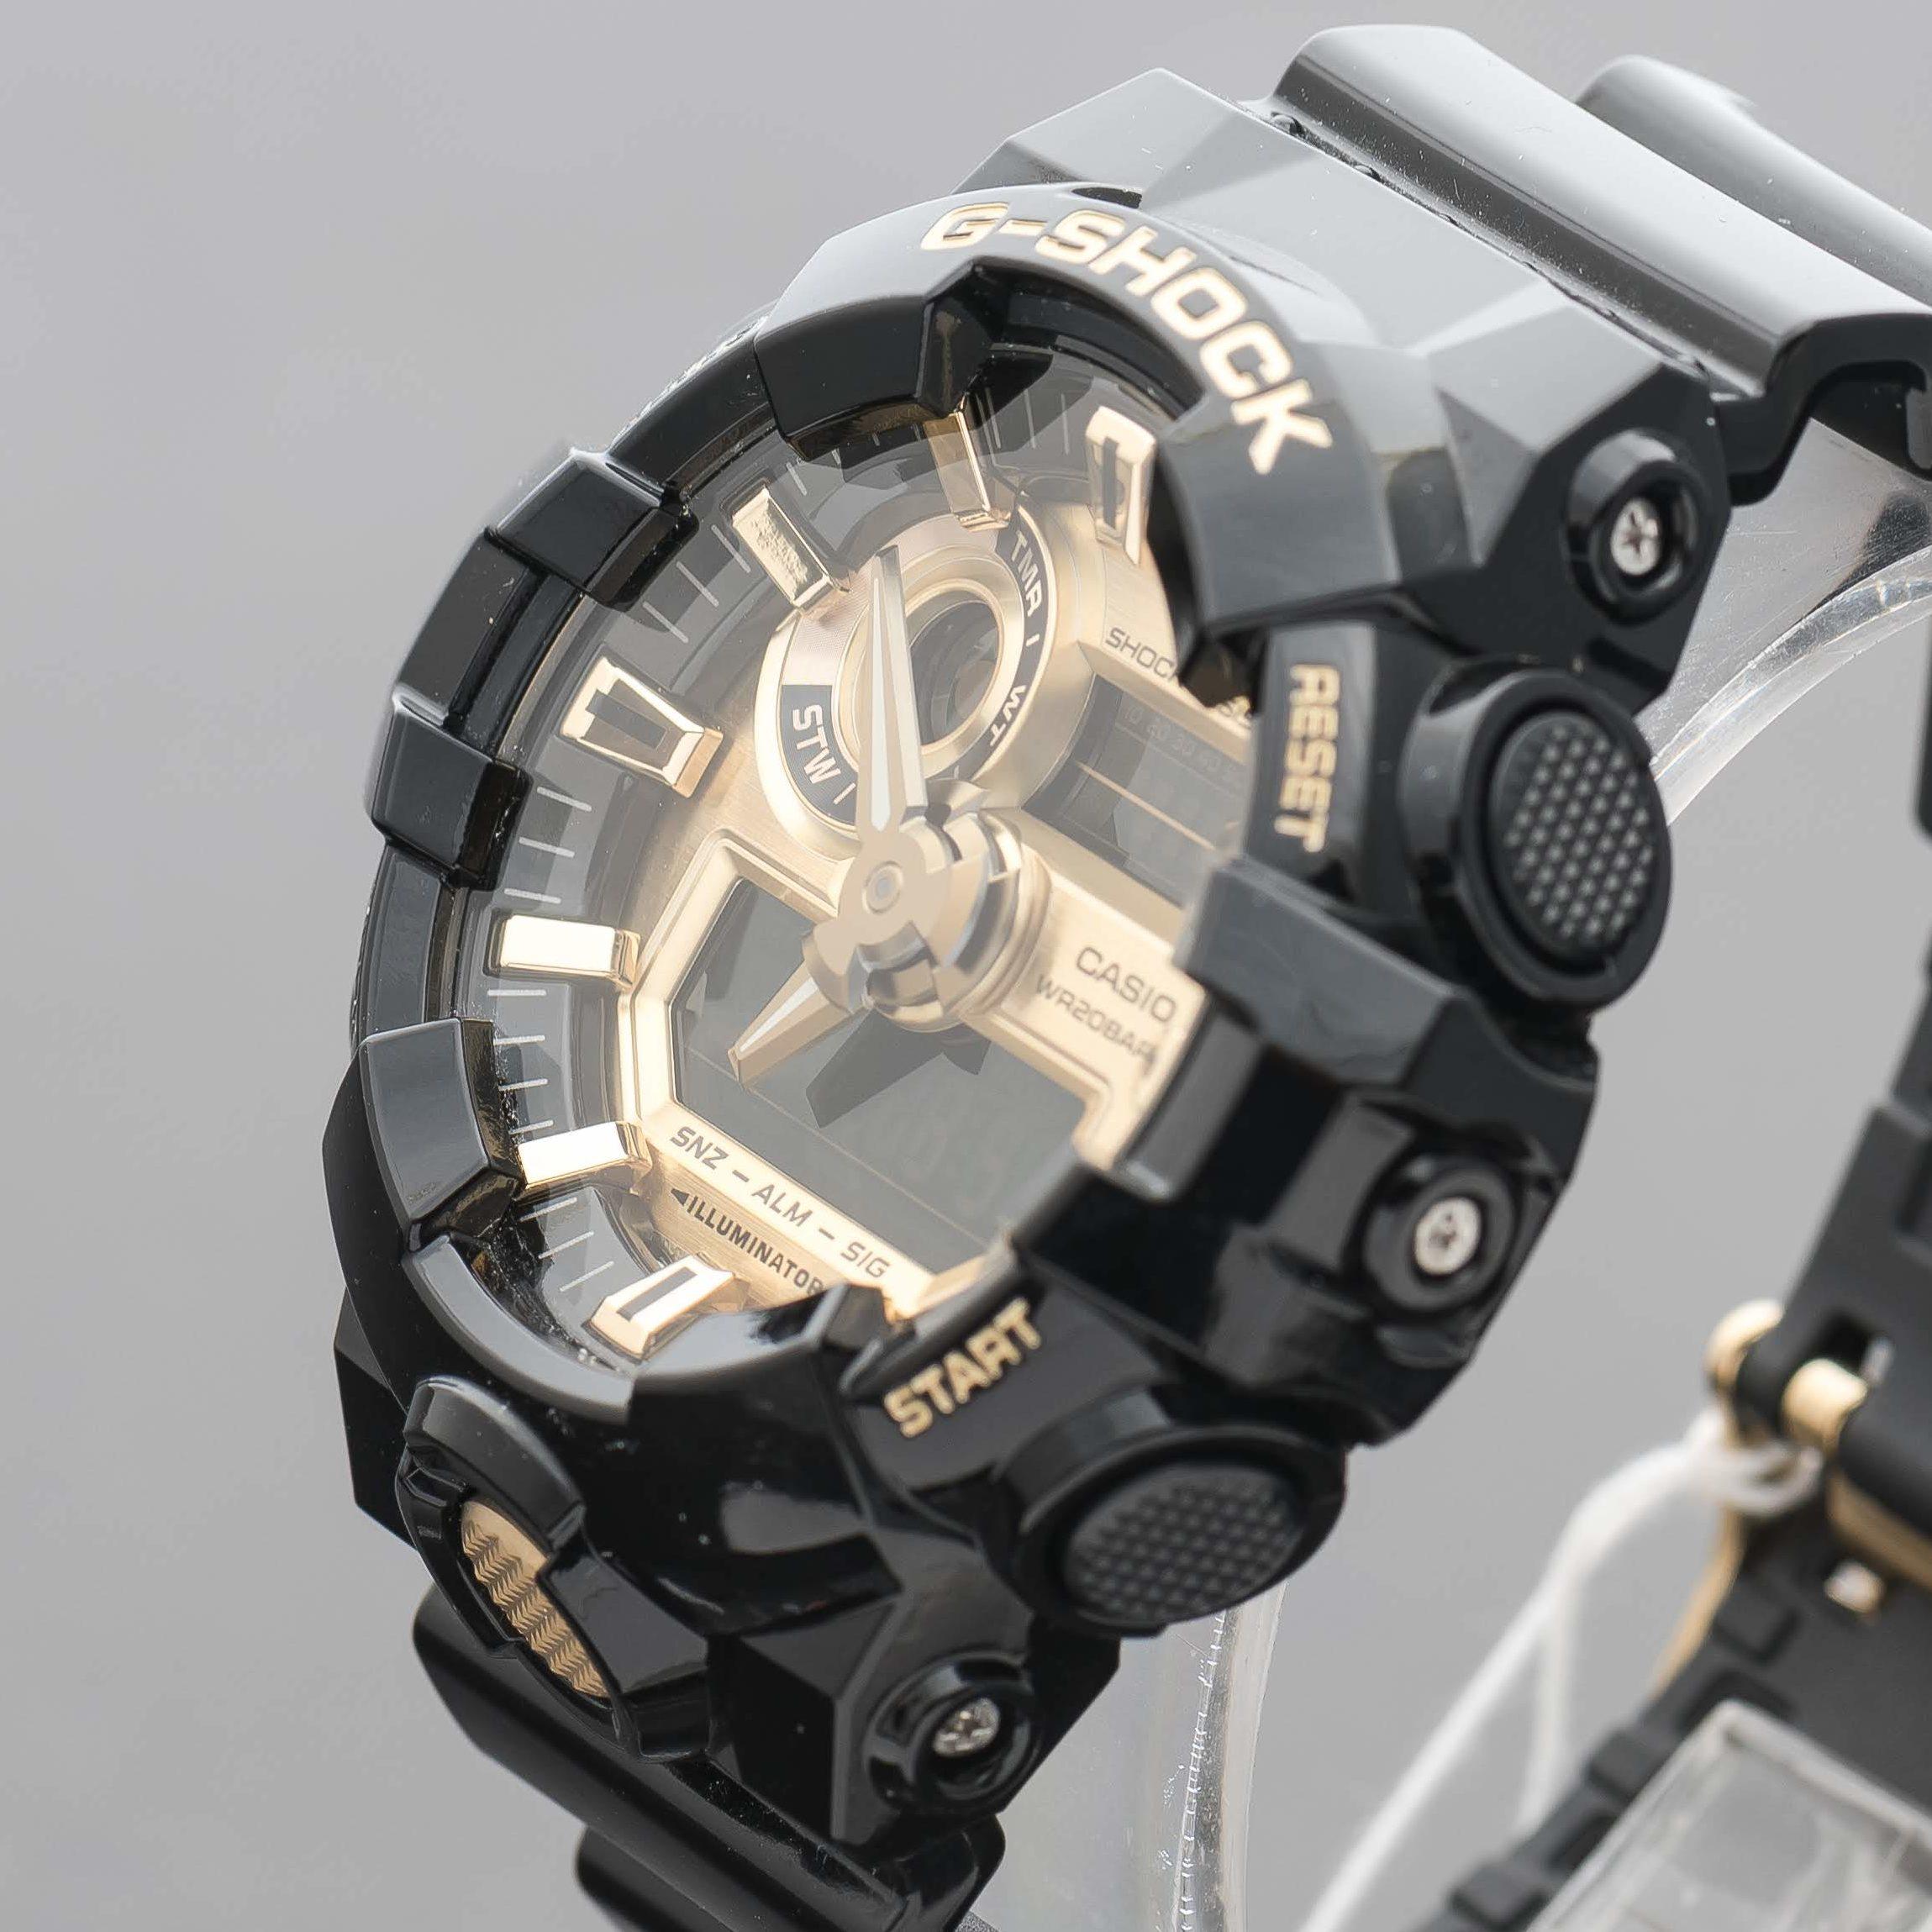 Casio G-Shock Alarm Chronograph Mens Watch GA-710GB-1AER